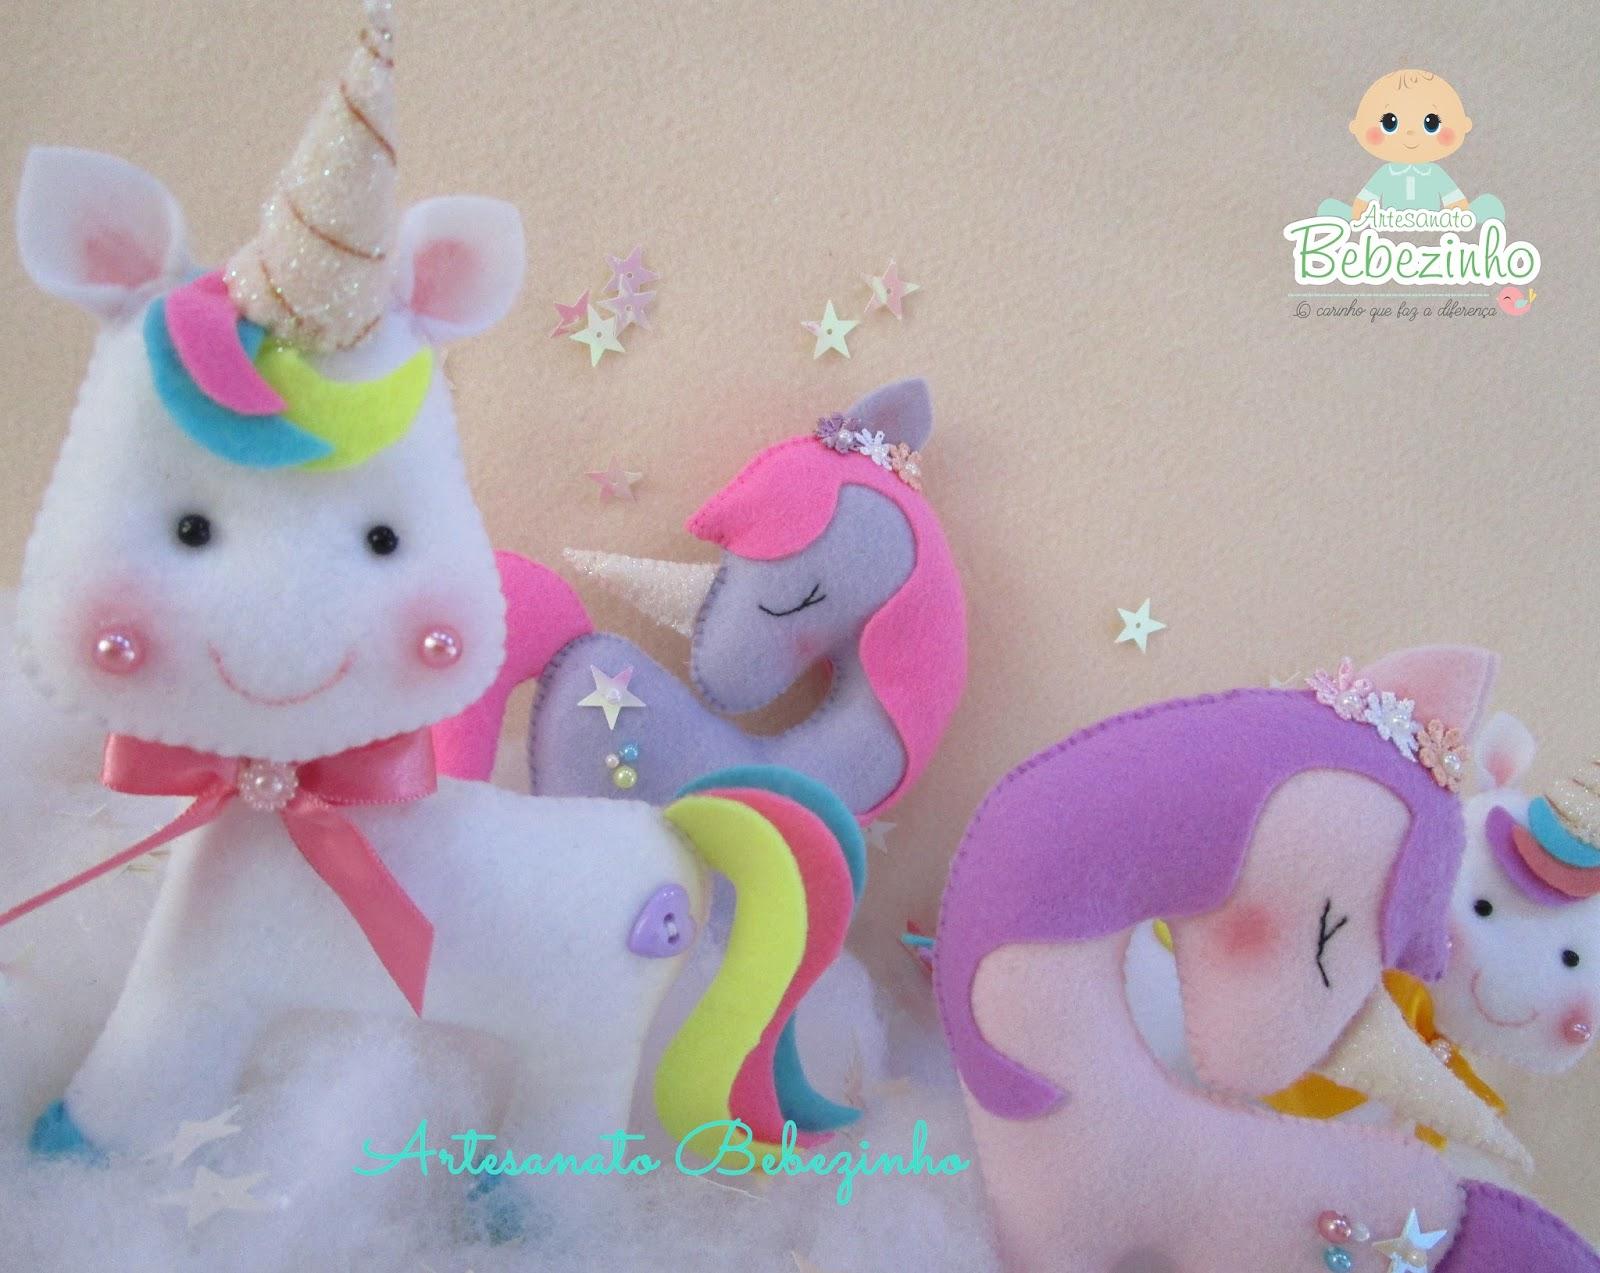 Artesanato Bebezinho Unicornio em Feltro